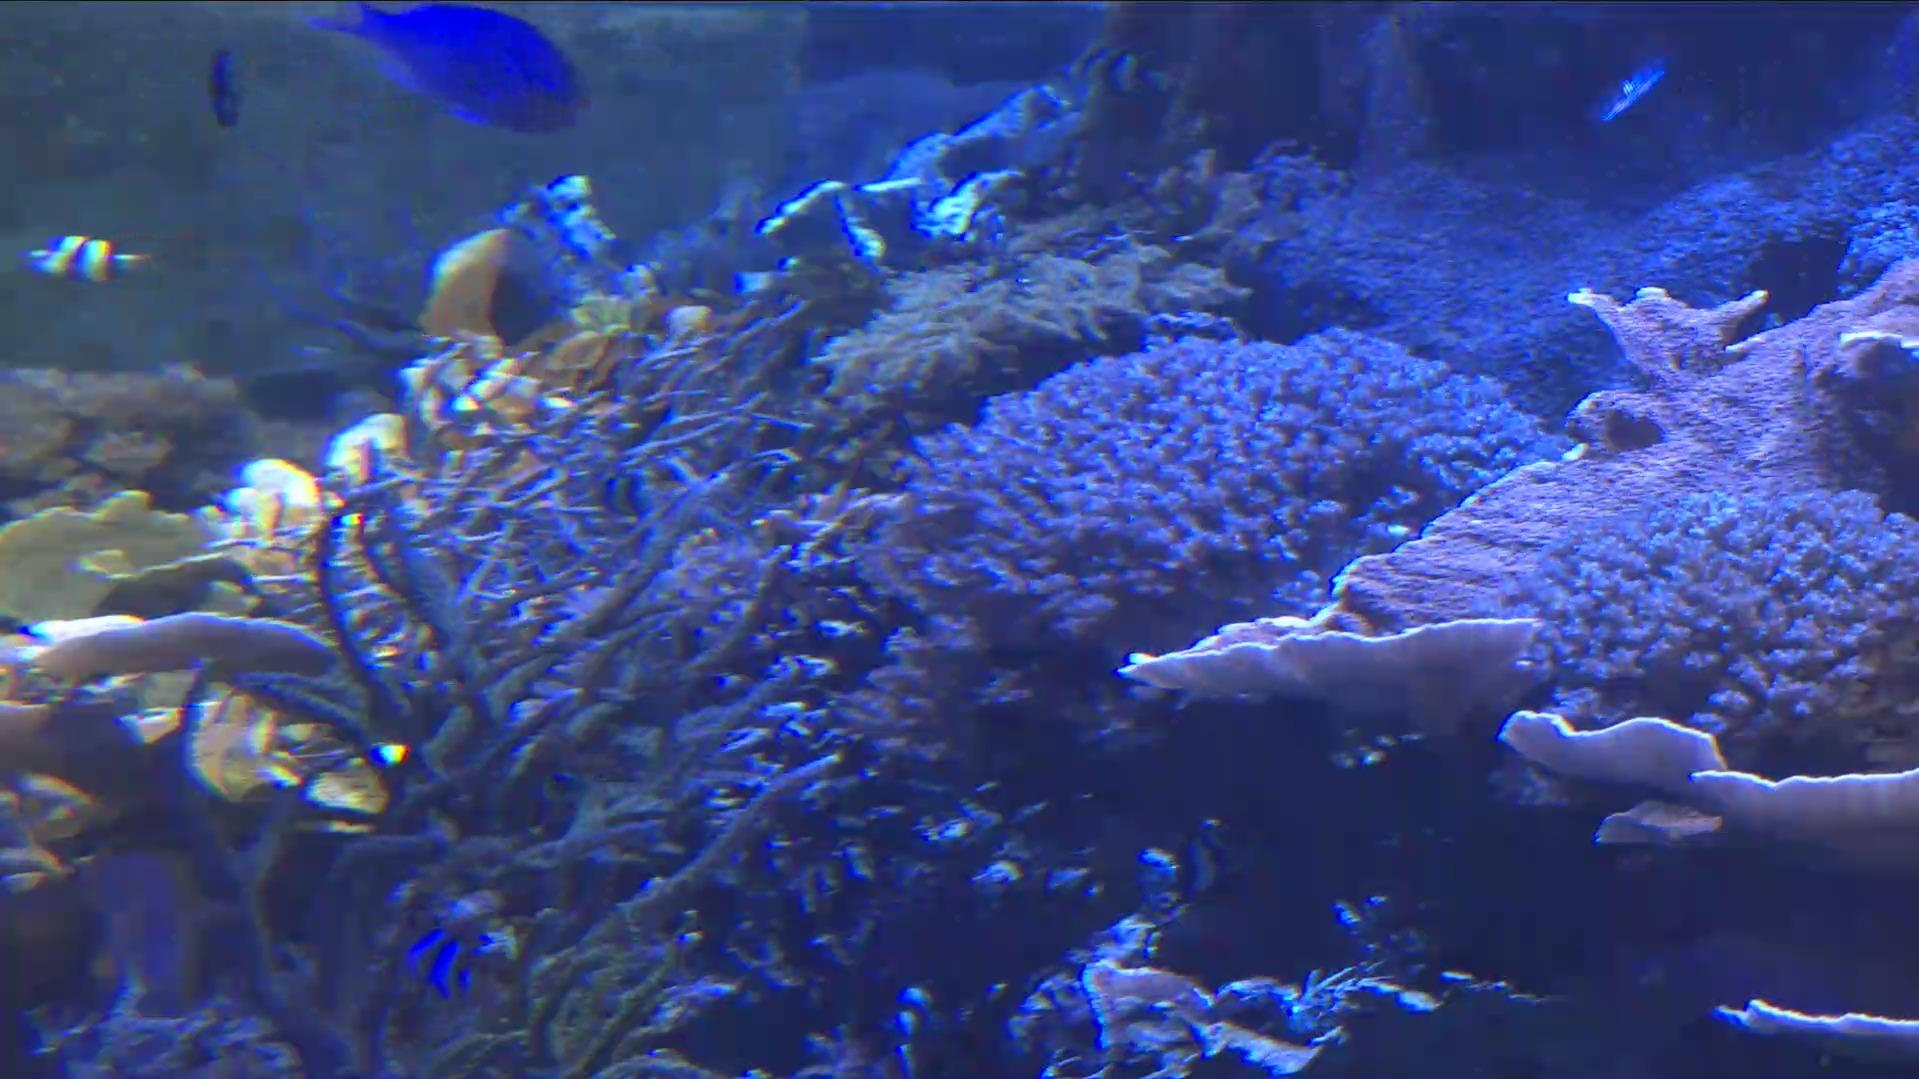 名古屋港水族館ライブコーラル水槽ライブカメラ(愛知県名古屋市港区)